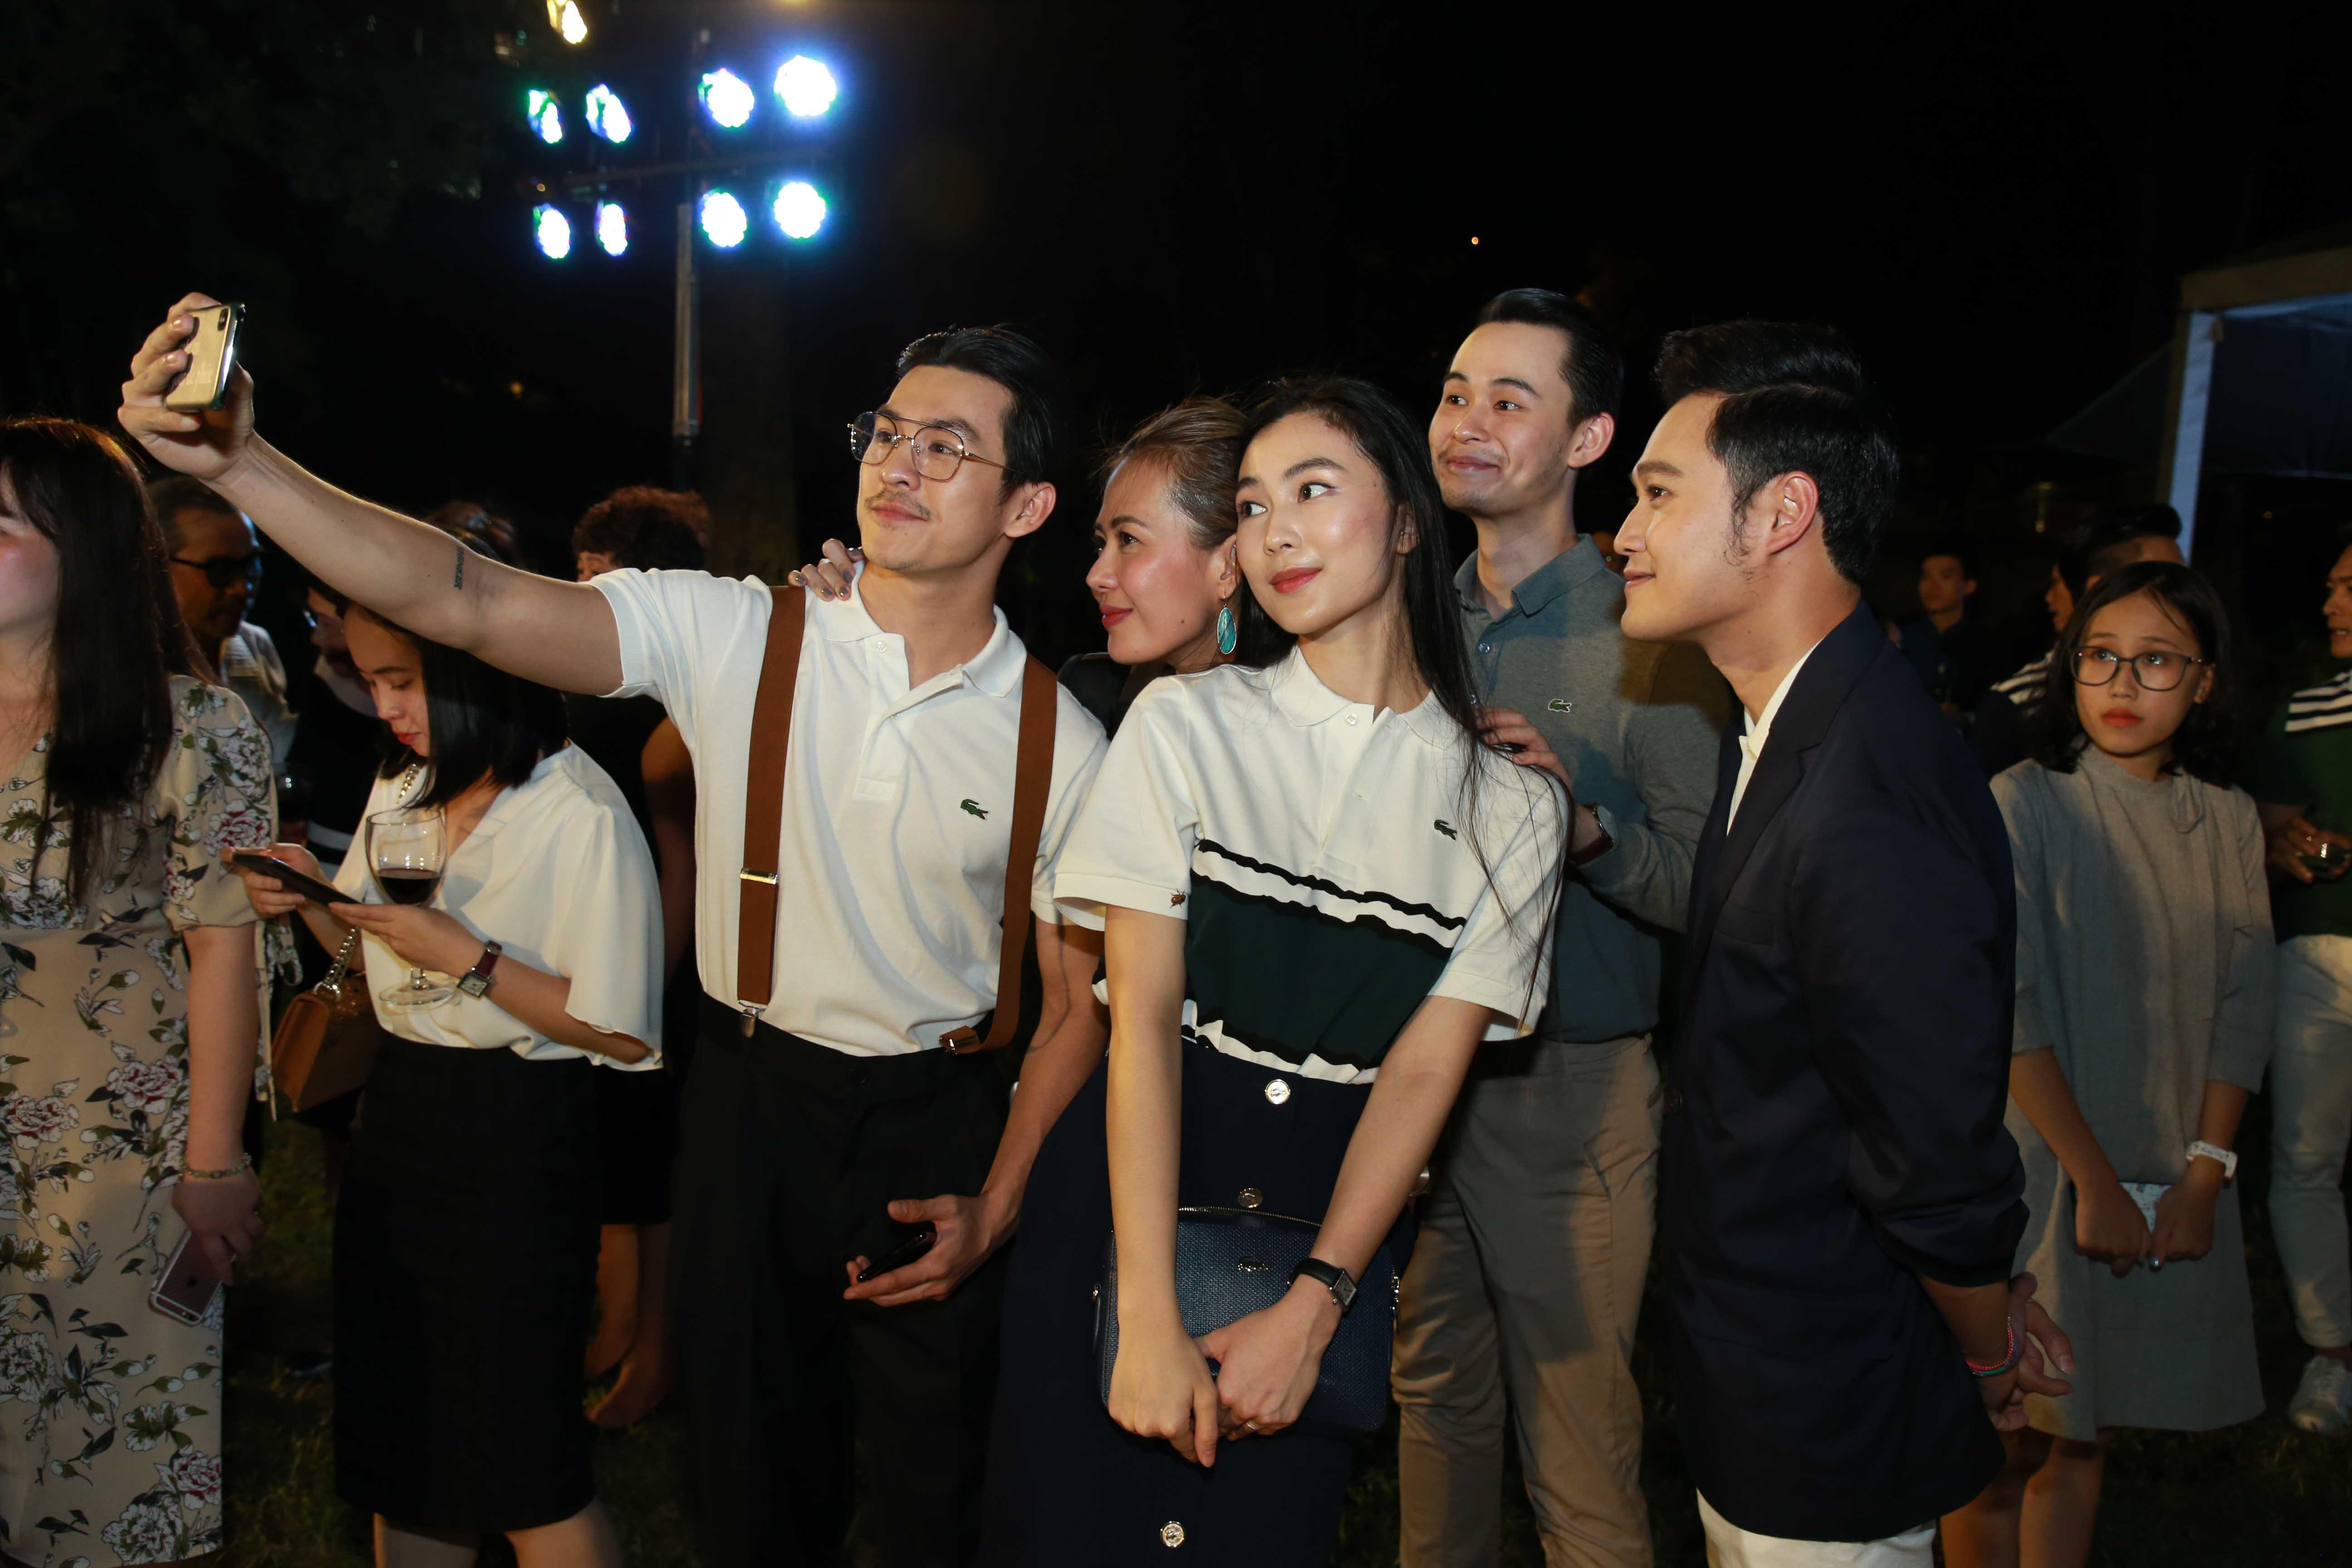 8 thuong hieu lacoste 85 nam - Thiên Minh, QVinh, Helly Tống, Bùi Việt Hà và Tim Phạm - elle vietnam